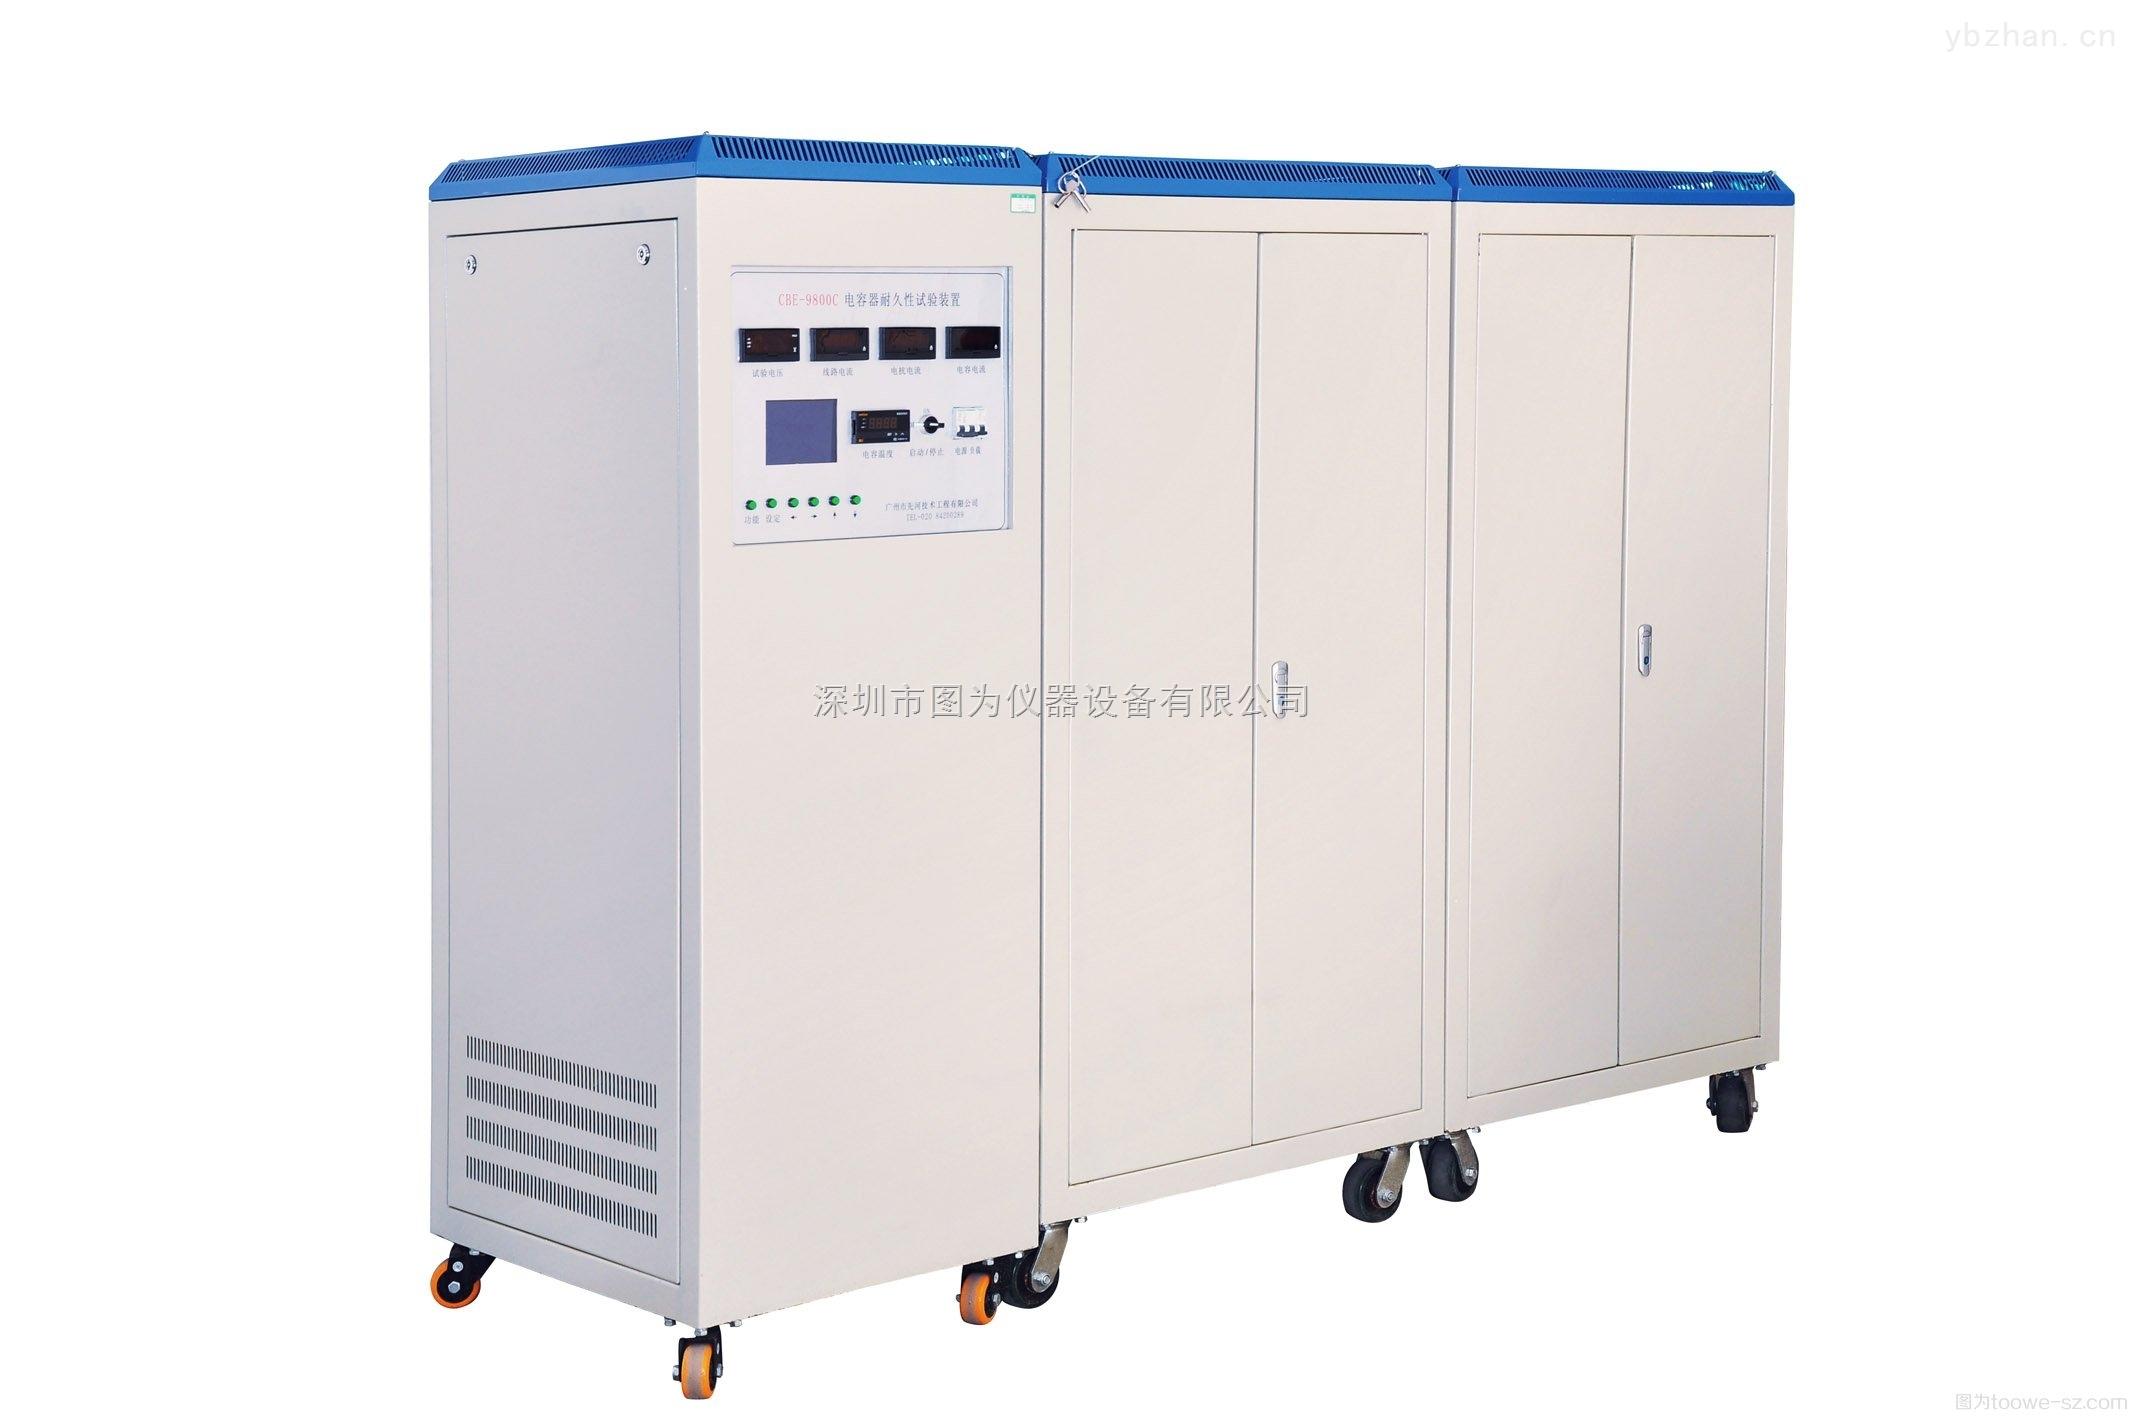 圖為儀器-電容器耐久性試驗裝置